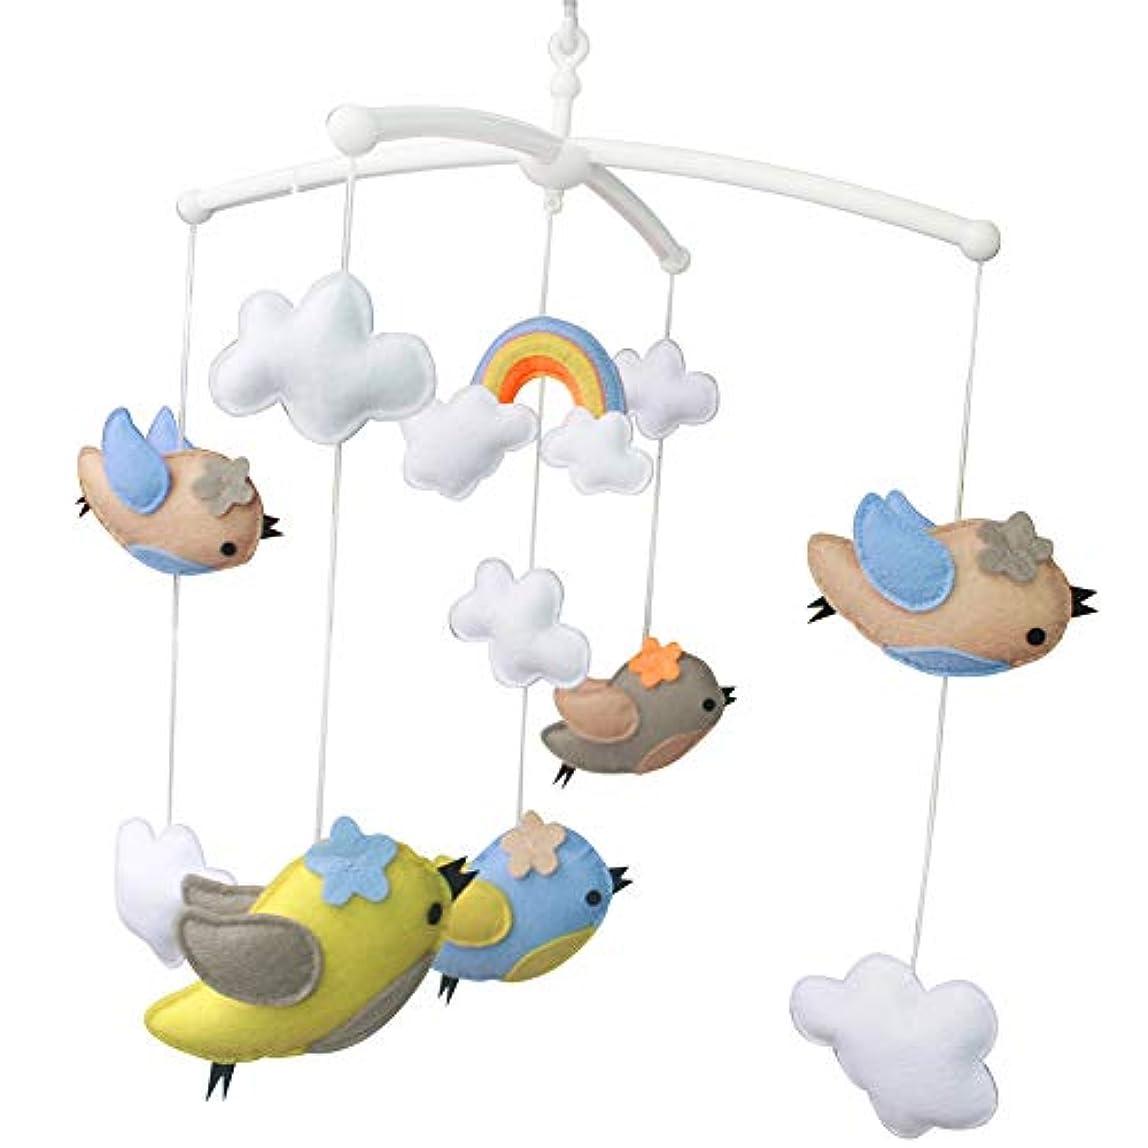 震える程度心理的に[虹と鳥]創造的なベビーベッドのハンドメイドベビーベッドミュージカルモバイル